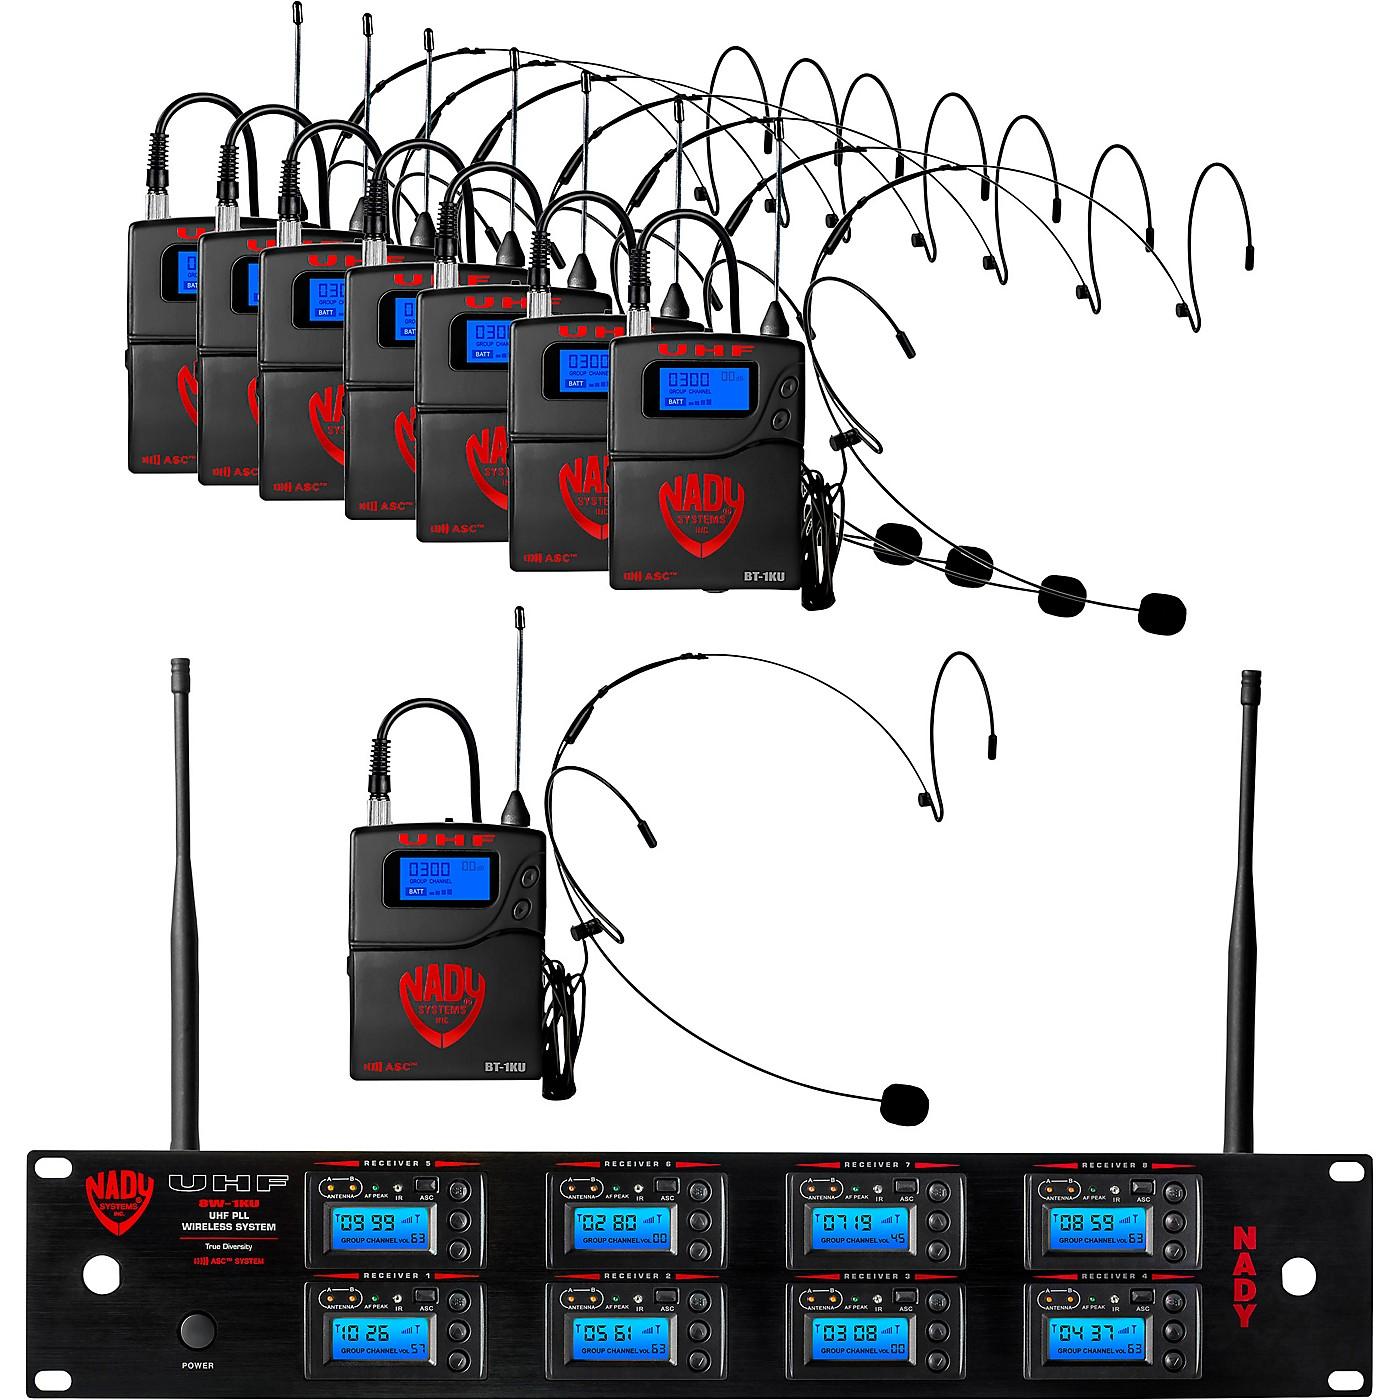 Nady Nady 8W-1KU Eight 1000-Channel Headset Wireless System, Black thumbnail